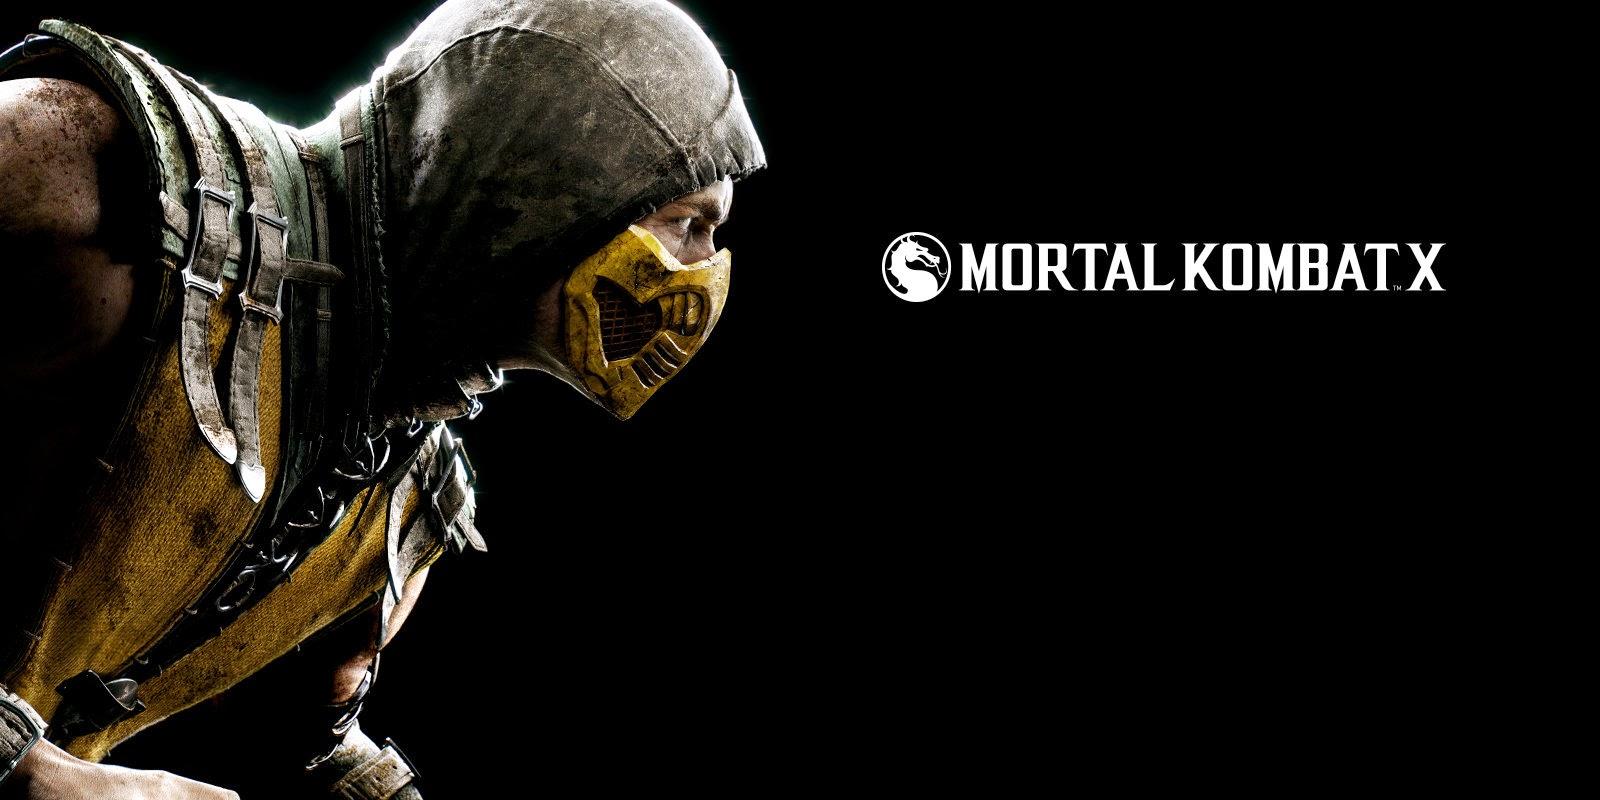 Mortal Kombat XL la versión especial de Mortal Kombat X